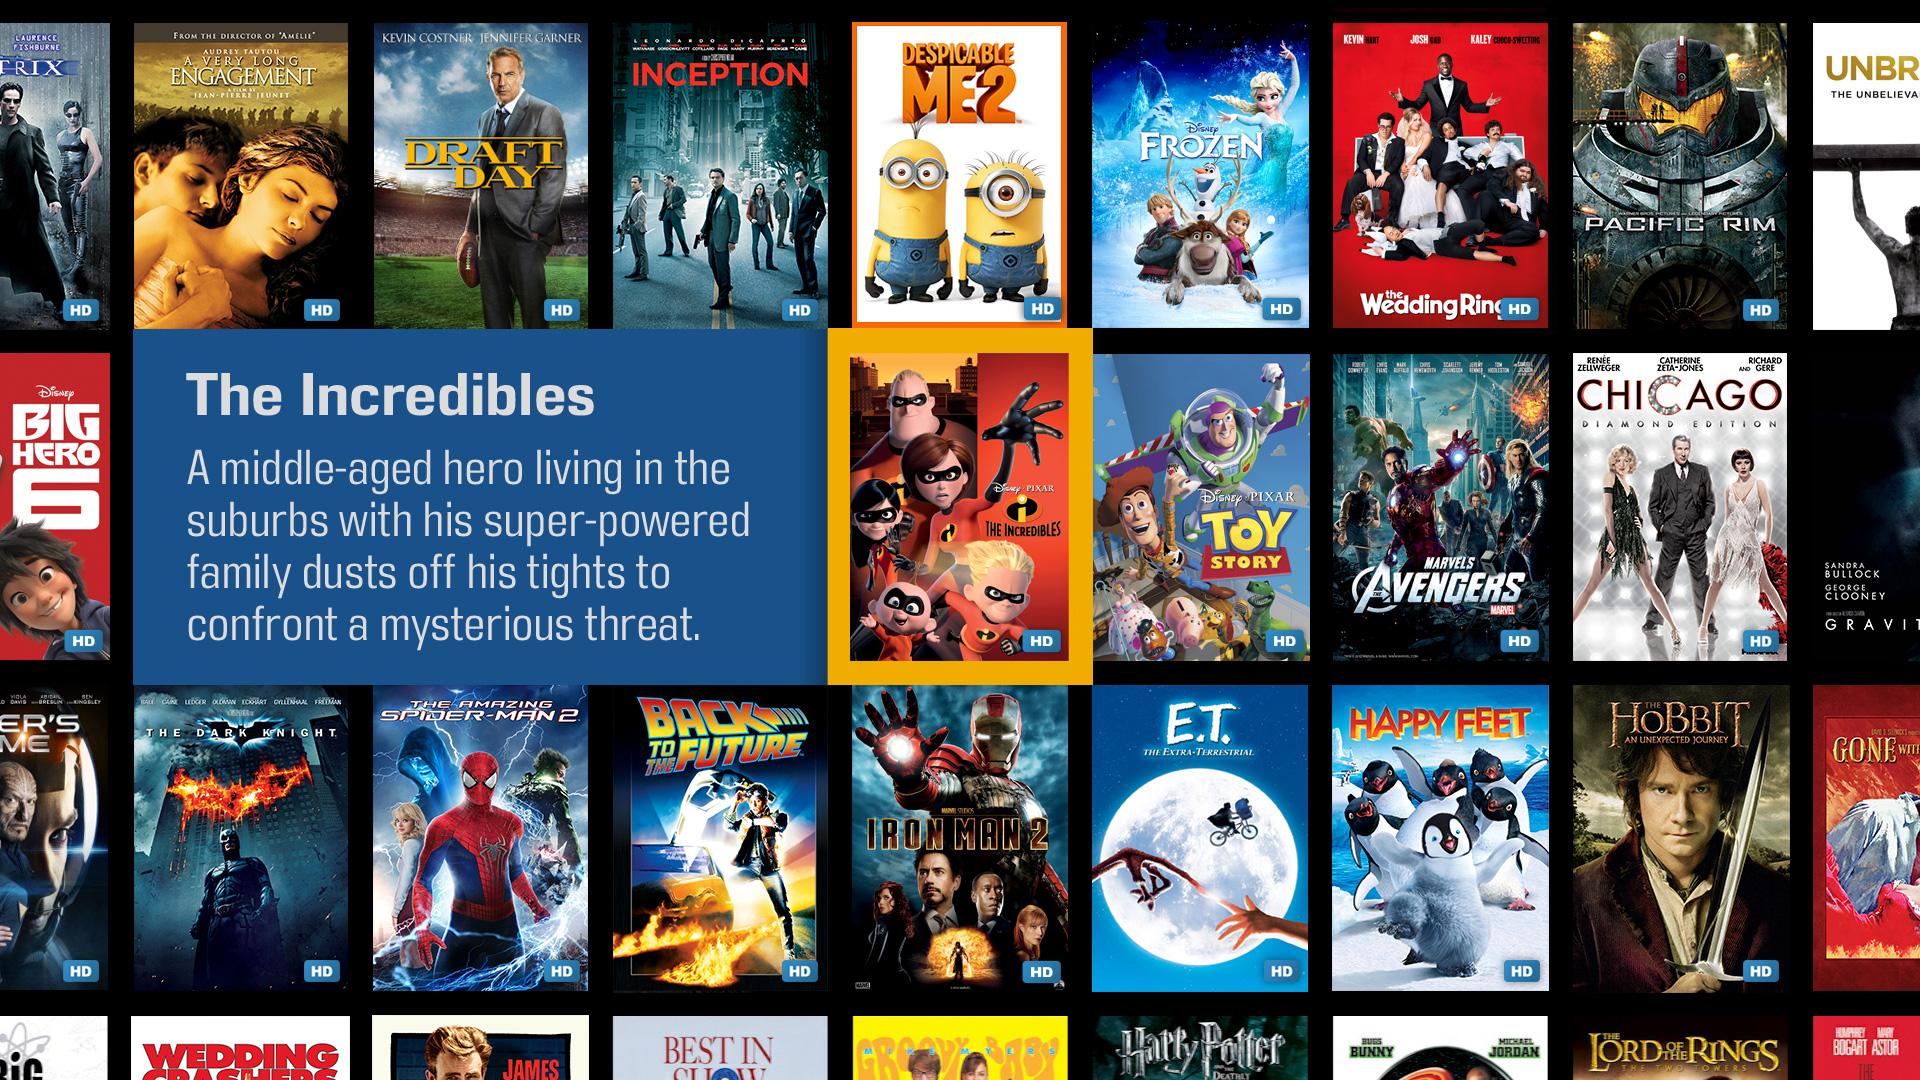 HD-Movie-Covers-Incredibles.jpg